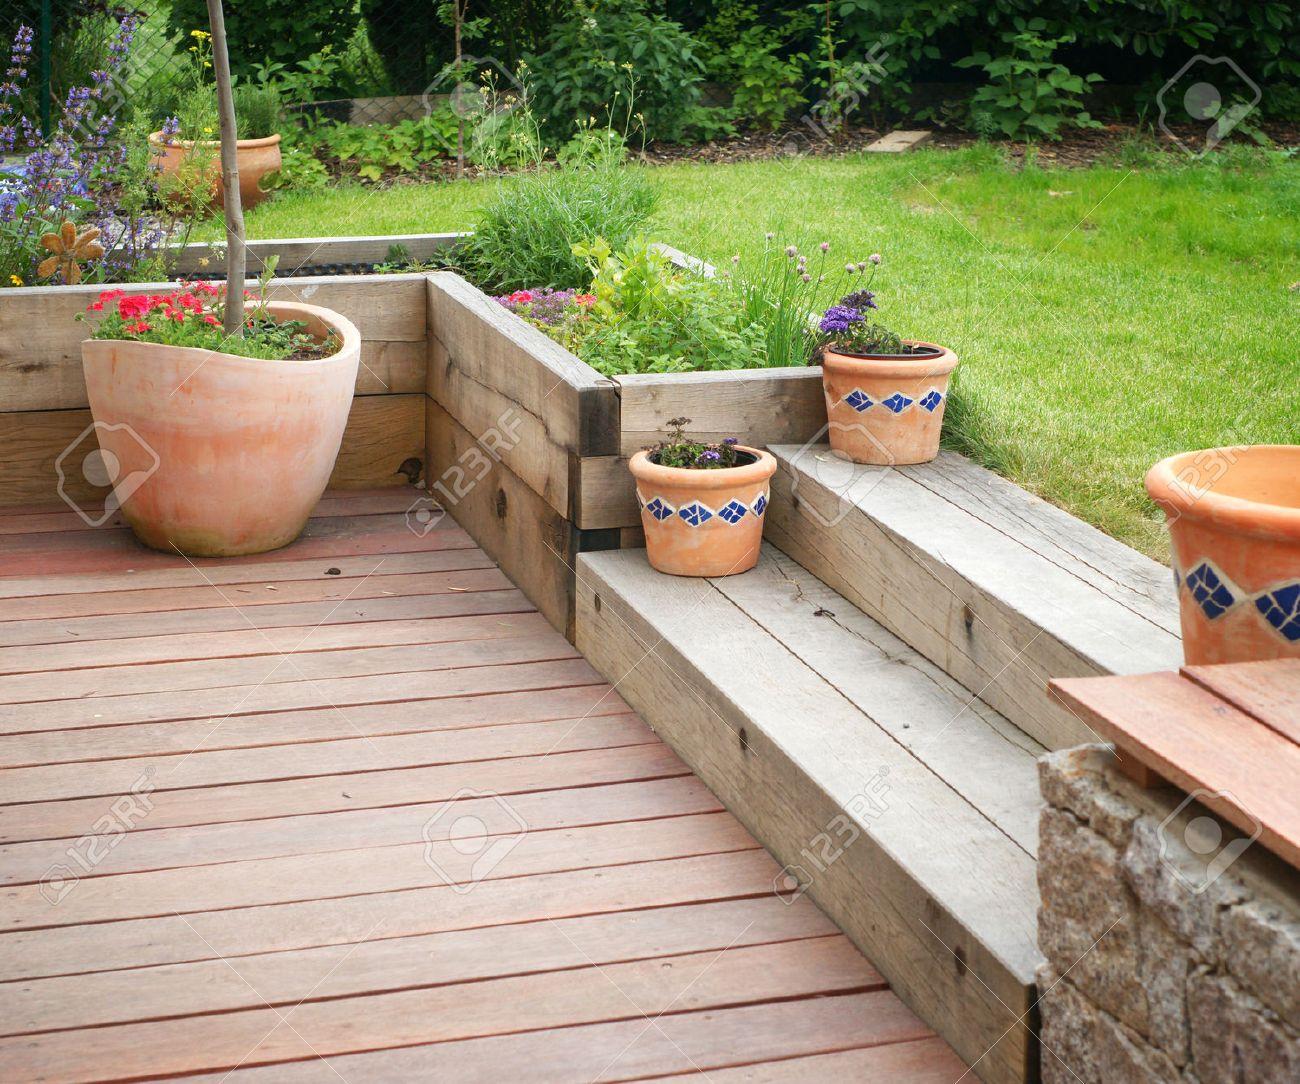 Garten Mit Terrasse Detail Mit Holzstufen Und Blumen In Blumentopfen